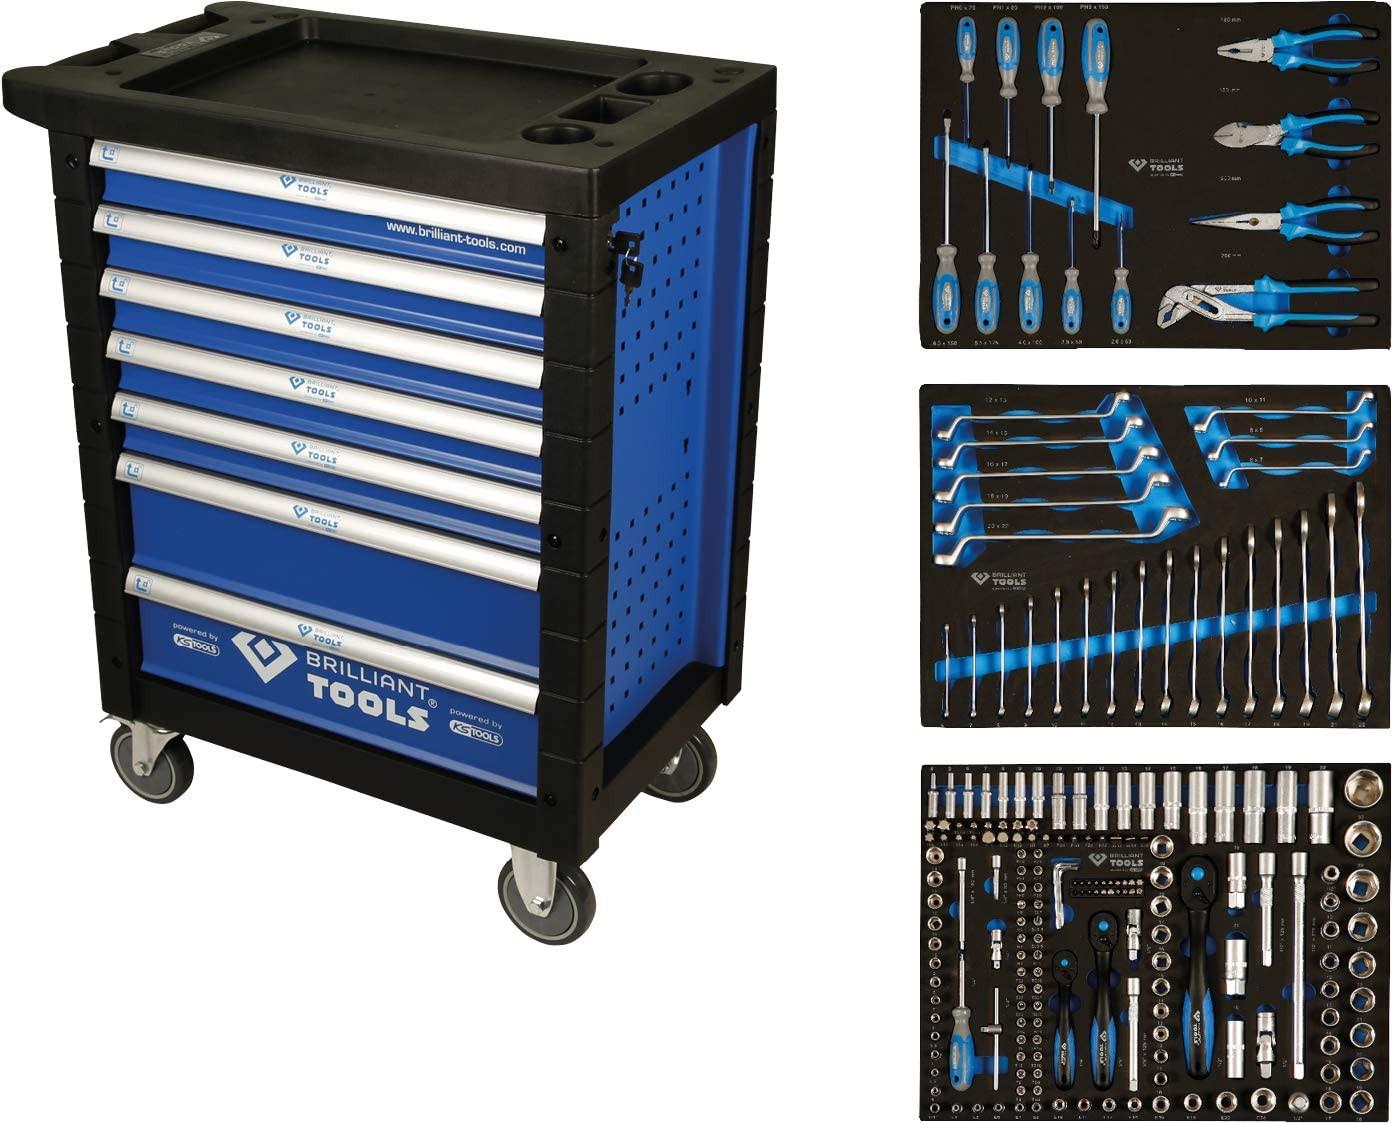 Servante d'atelier 7 tiroirs BRILLIANT TOOLS Composé de 207 outils + Tapis de protection repliable - BT153207